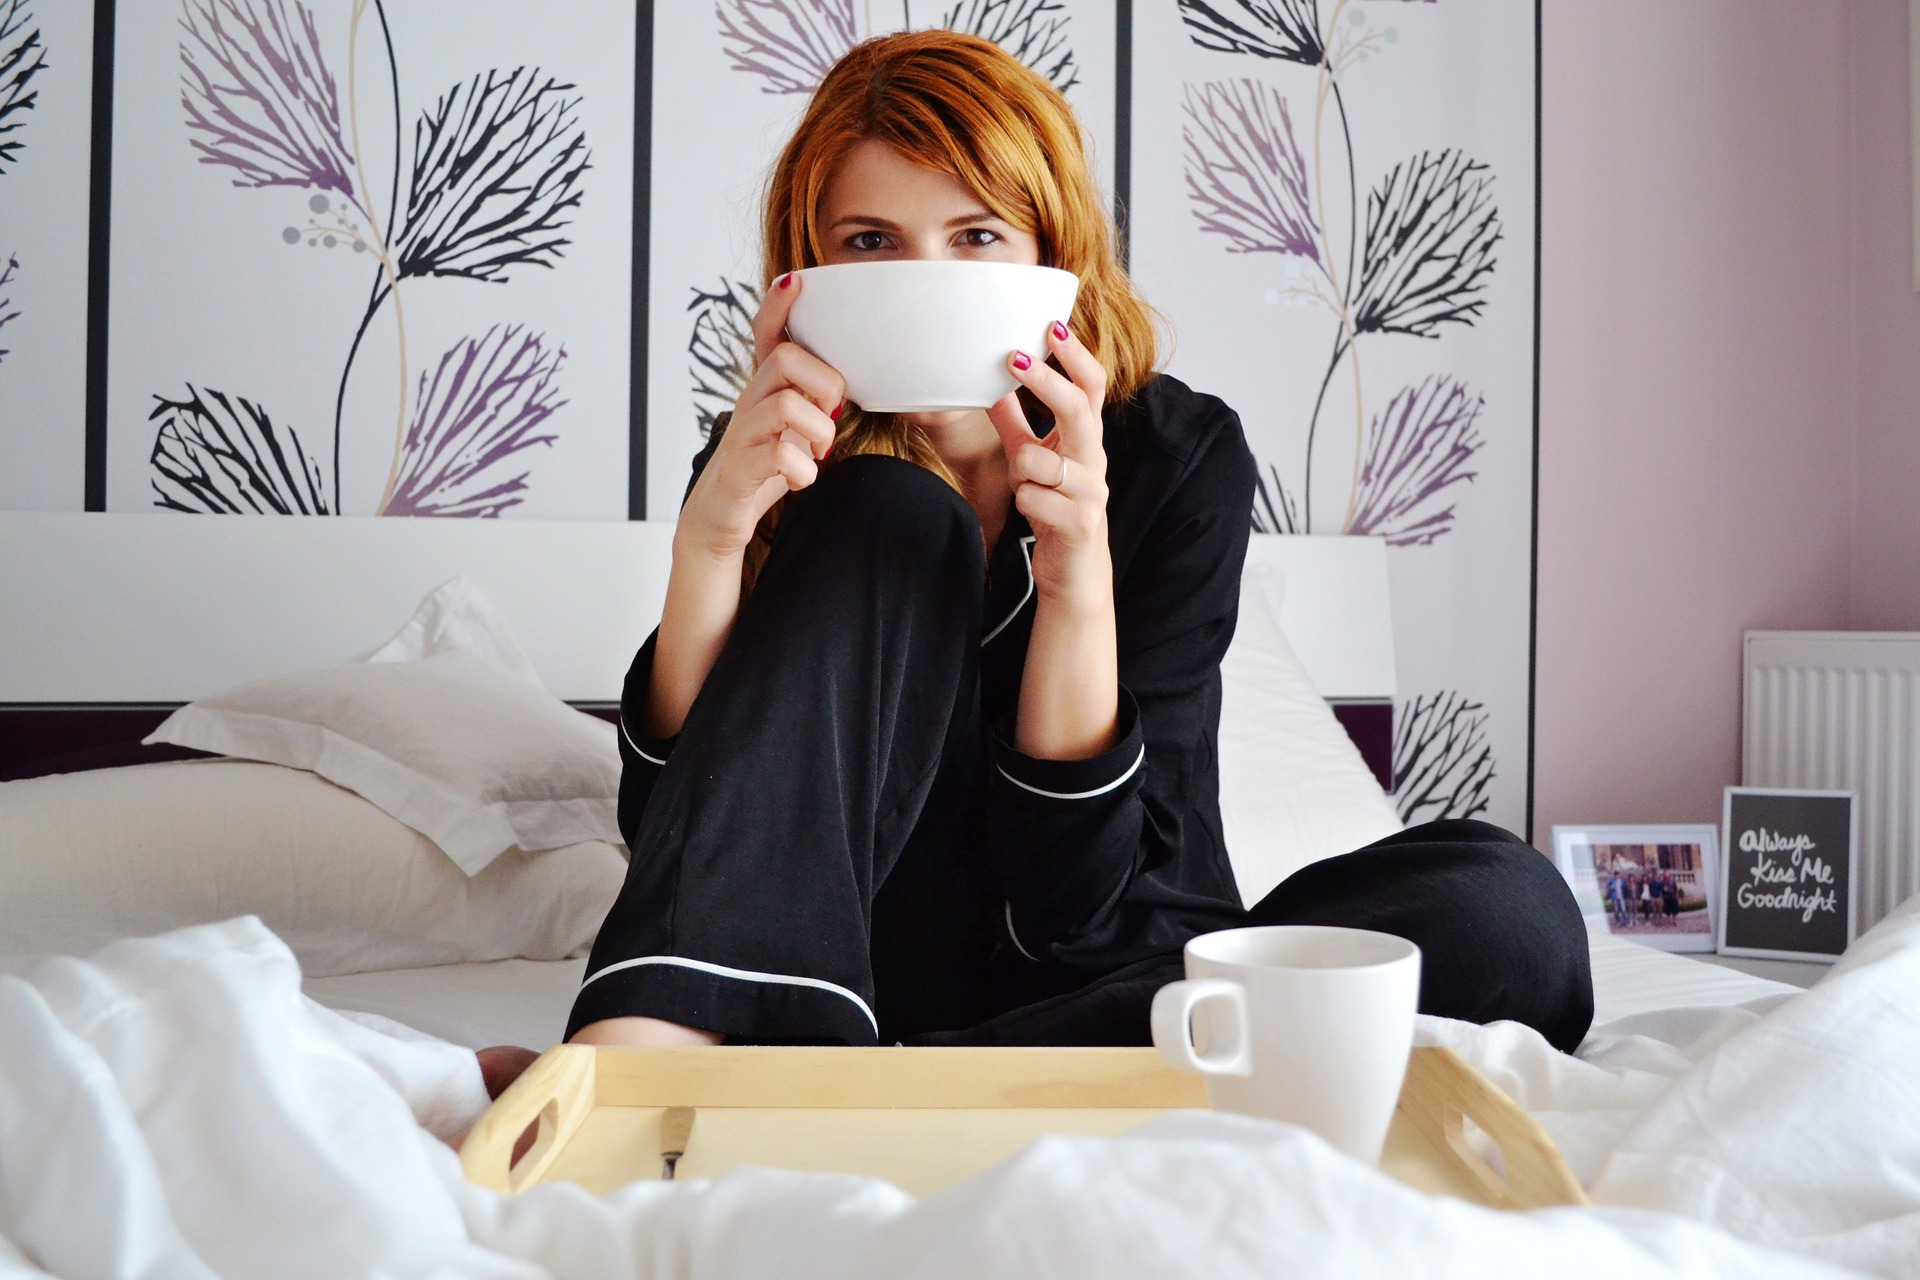 girl-in-bed-2004771_1920